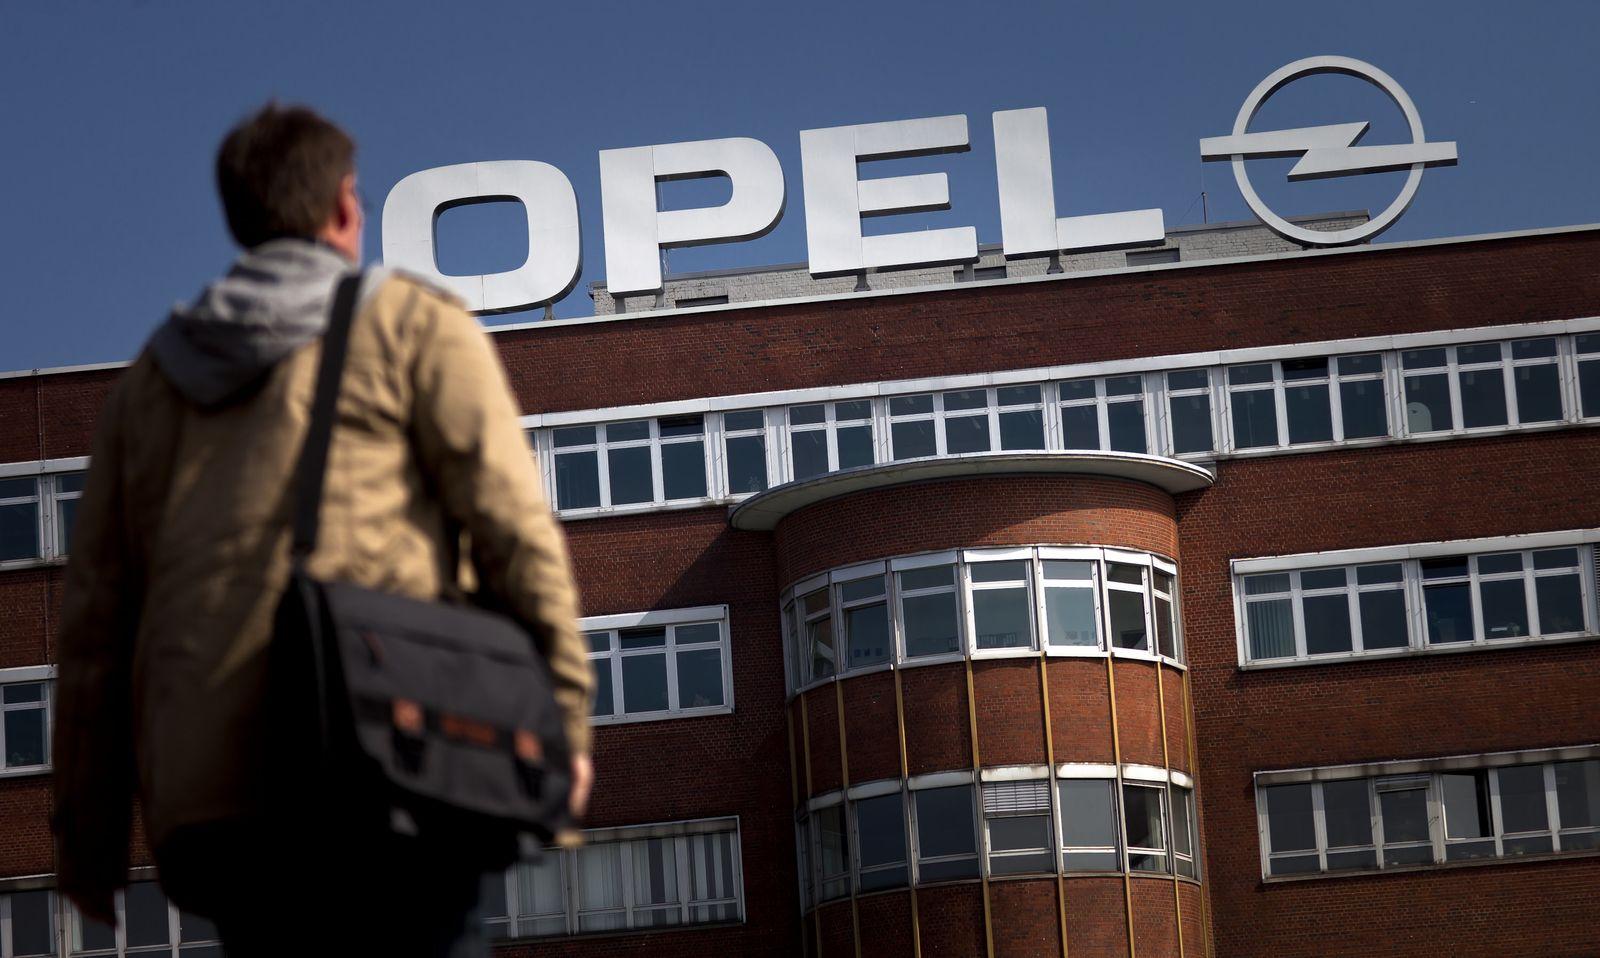 NICHT VERWENDEN Opel